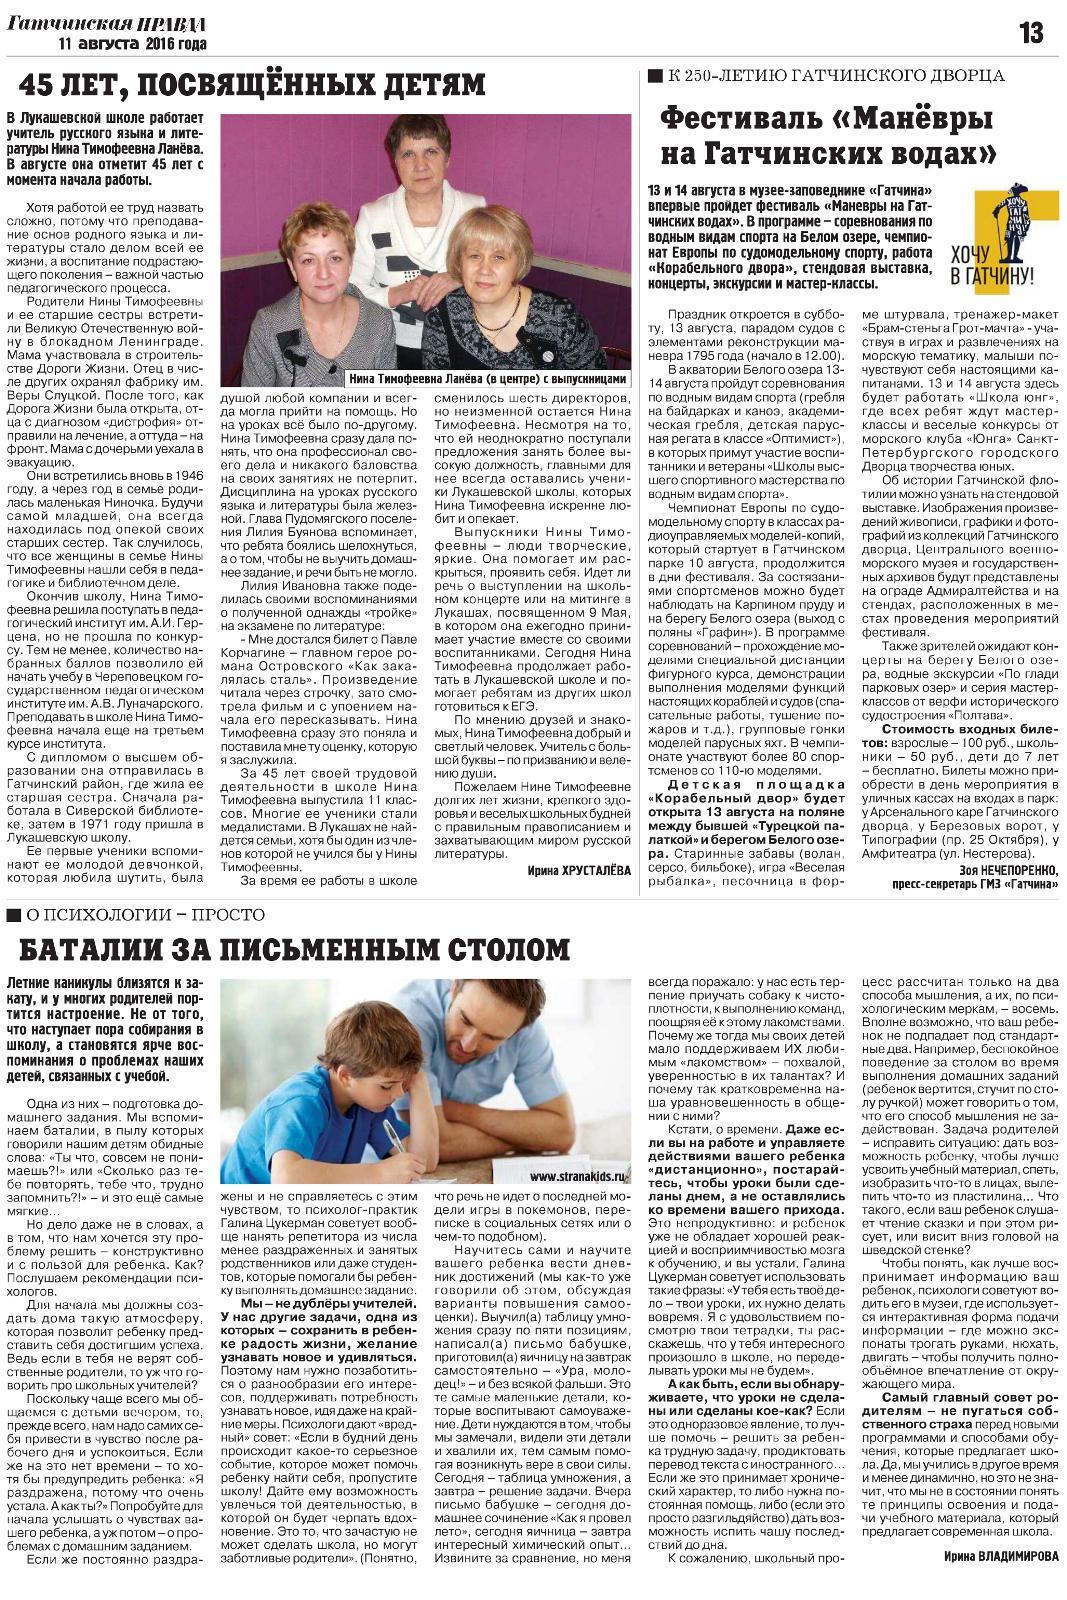 Гатчинская правда №89 от 11 августа 2016 года